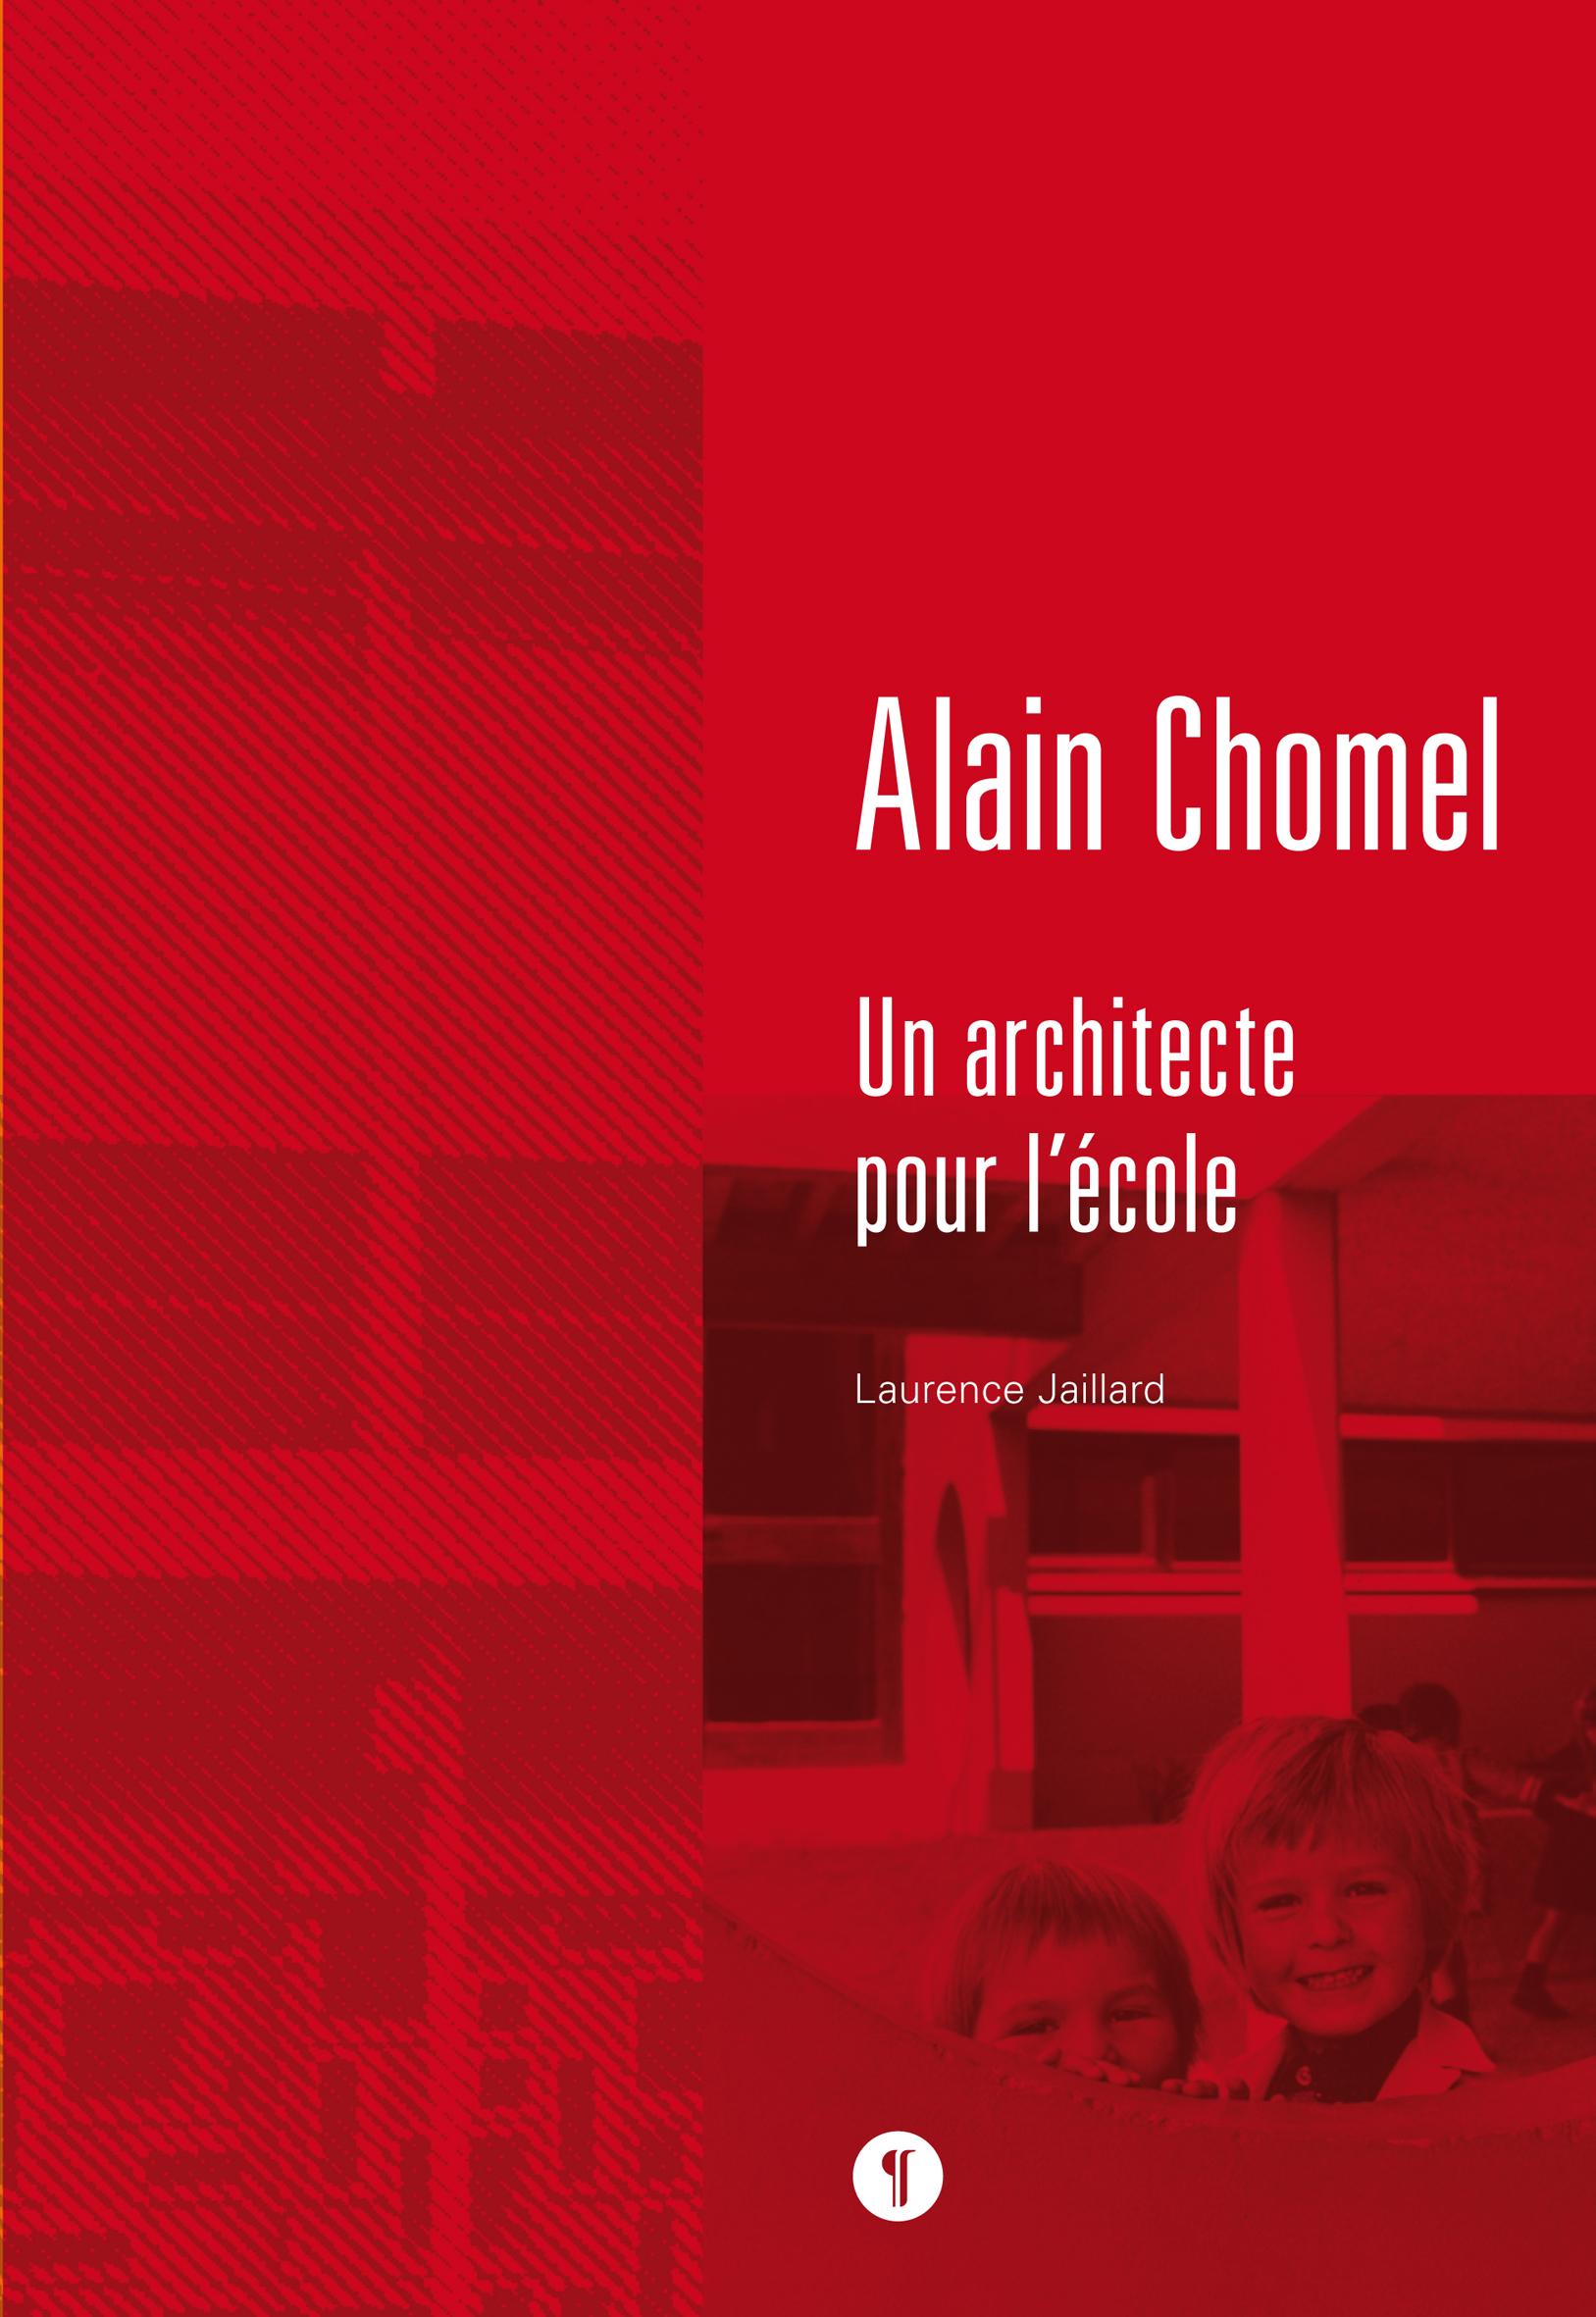 ALAIN CHOMEL. UN ARCHITECTE POUR L'ECOLE